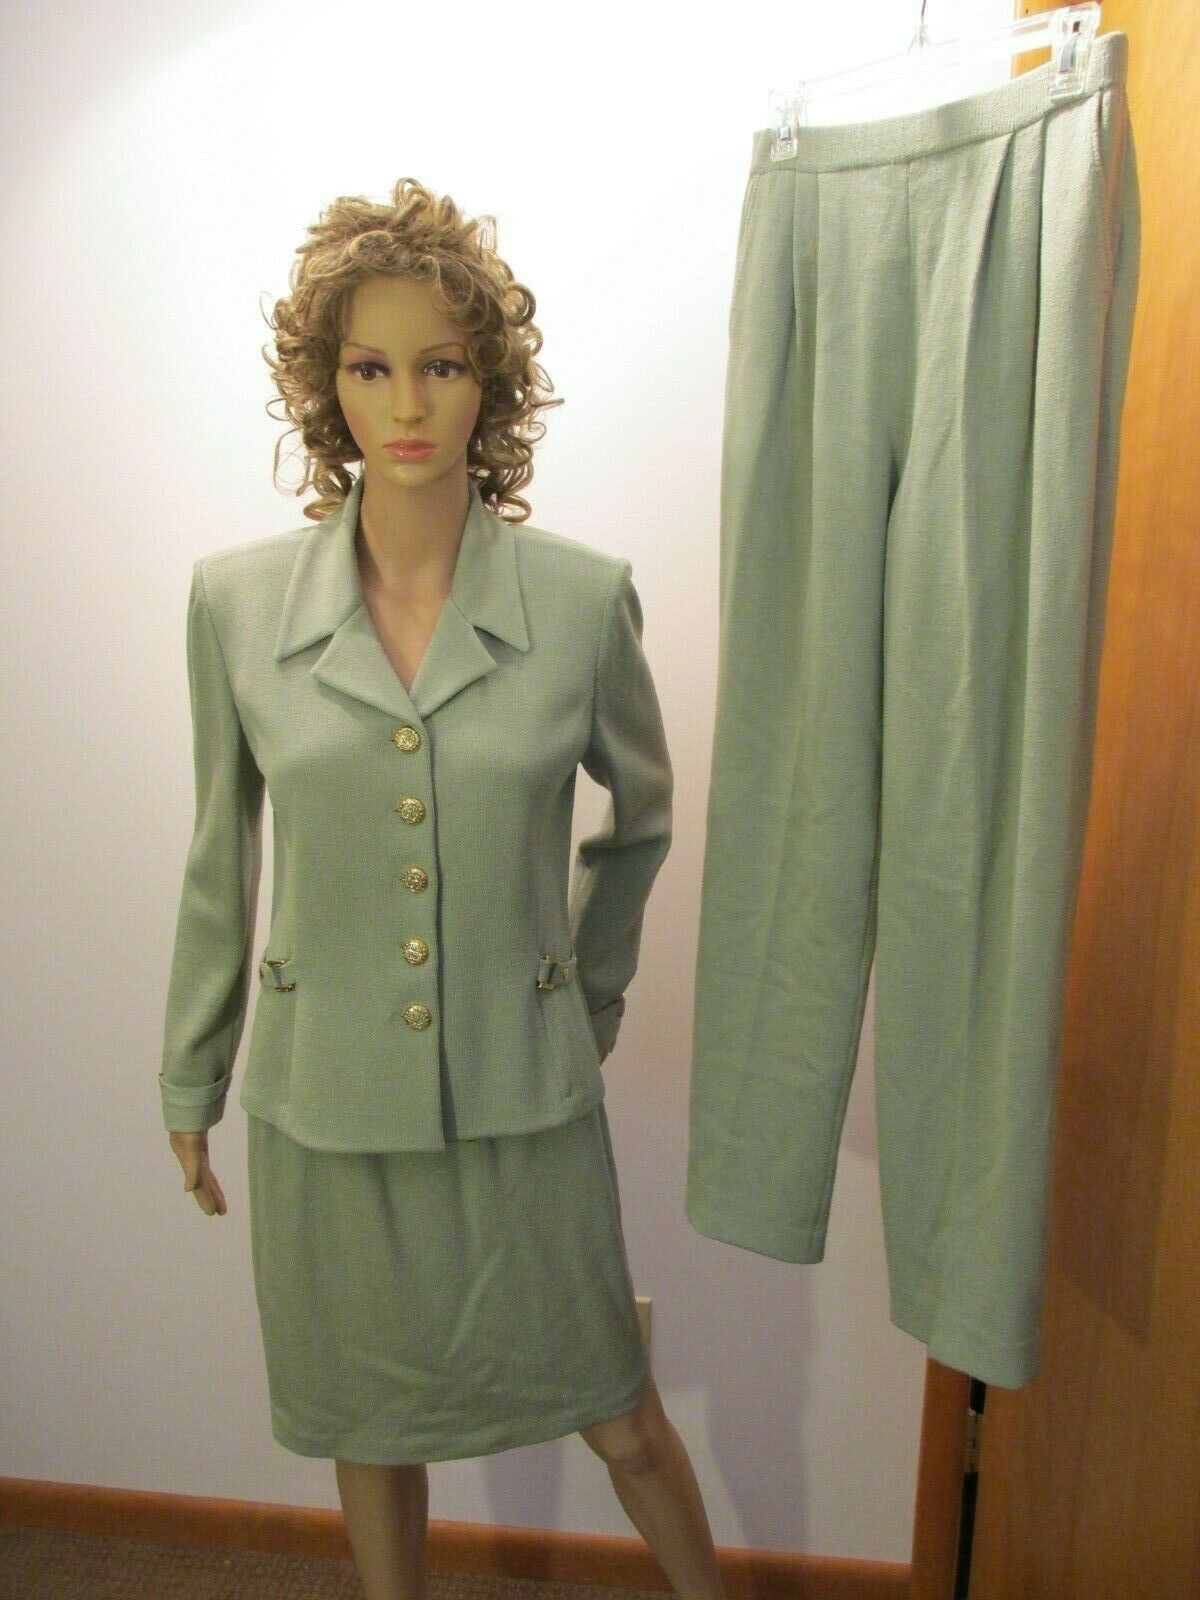 St John Collection  3 Pieza Falda traje de pantalón Conjunto Santana Knit Top 4 verde Falda 6  clásico atemporal